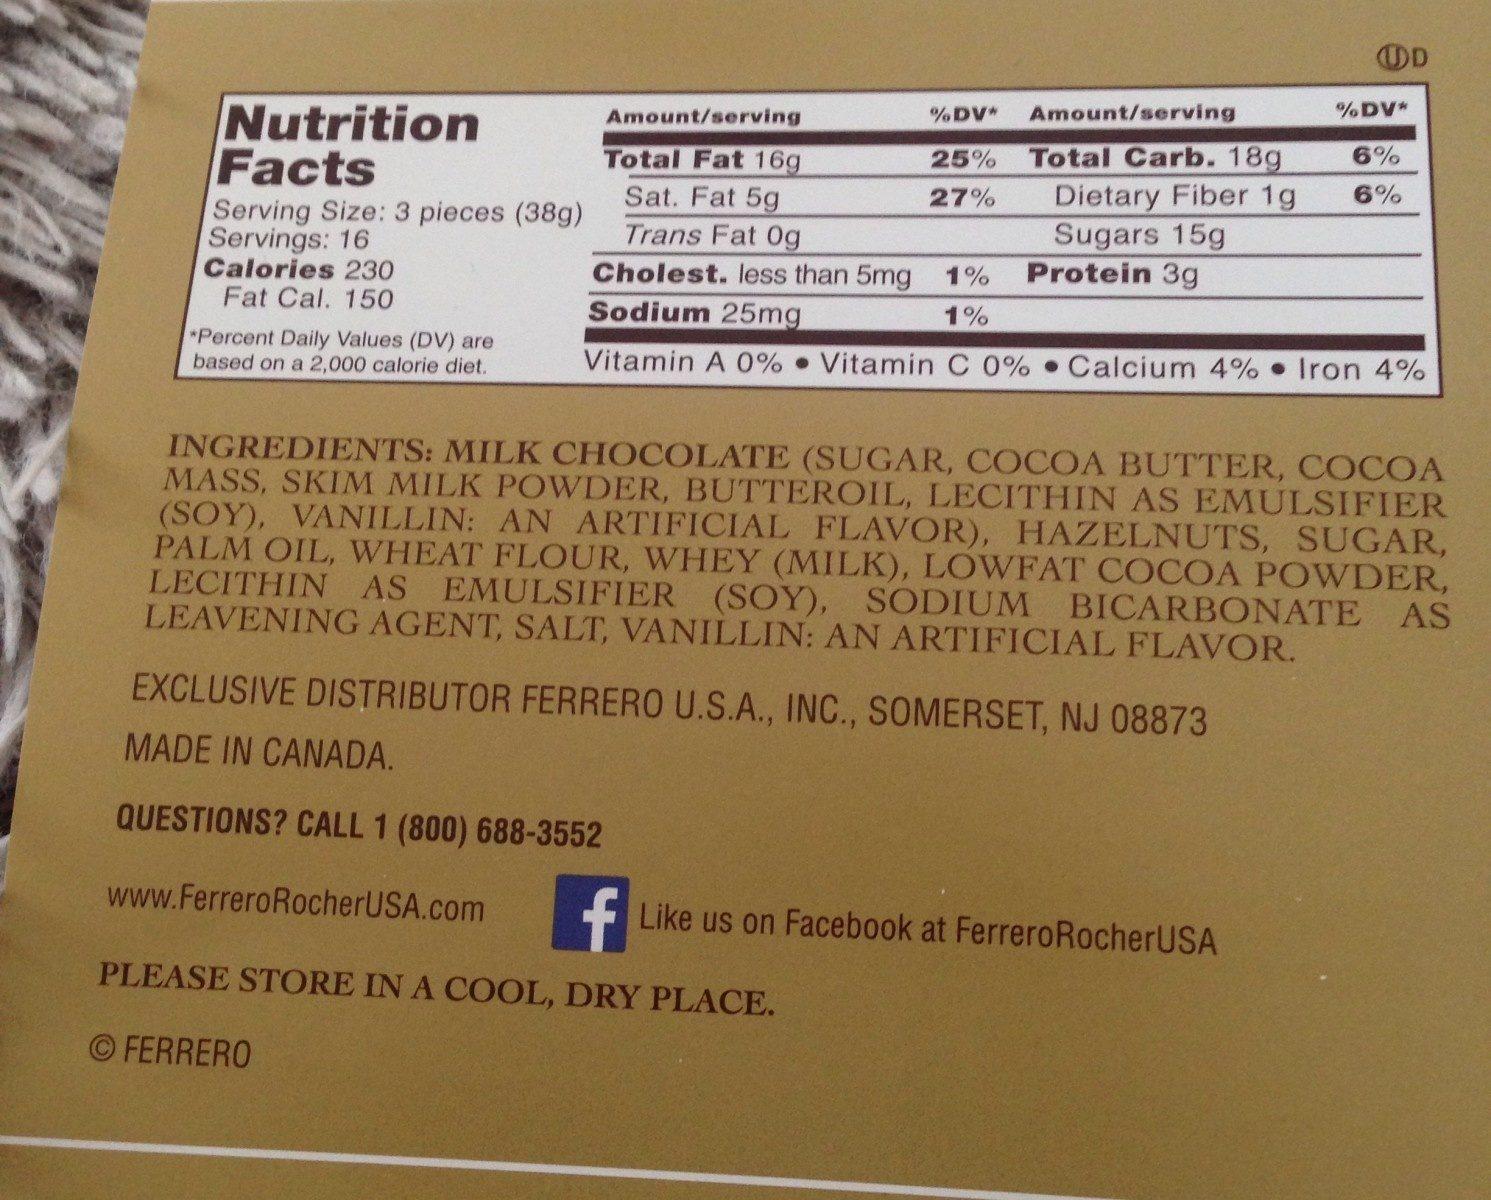 Ferrero Rocher Fine Hazelnut Chocolates 21.2 Oz. Pack - Ingredients